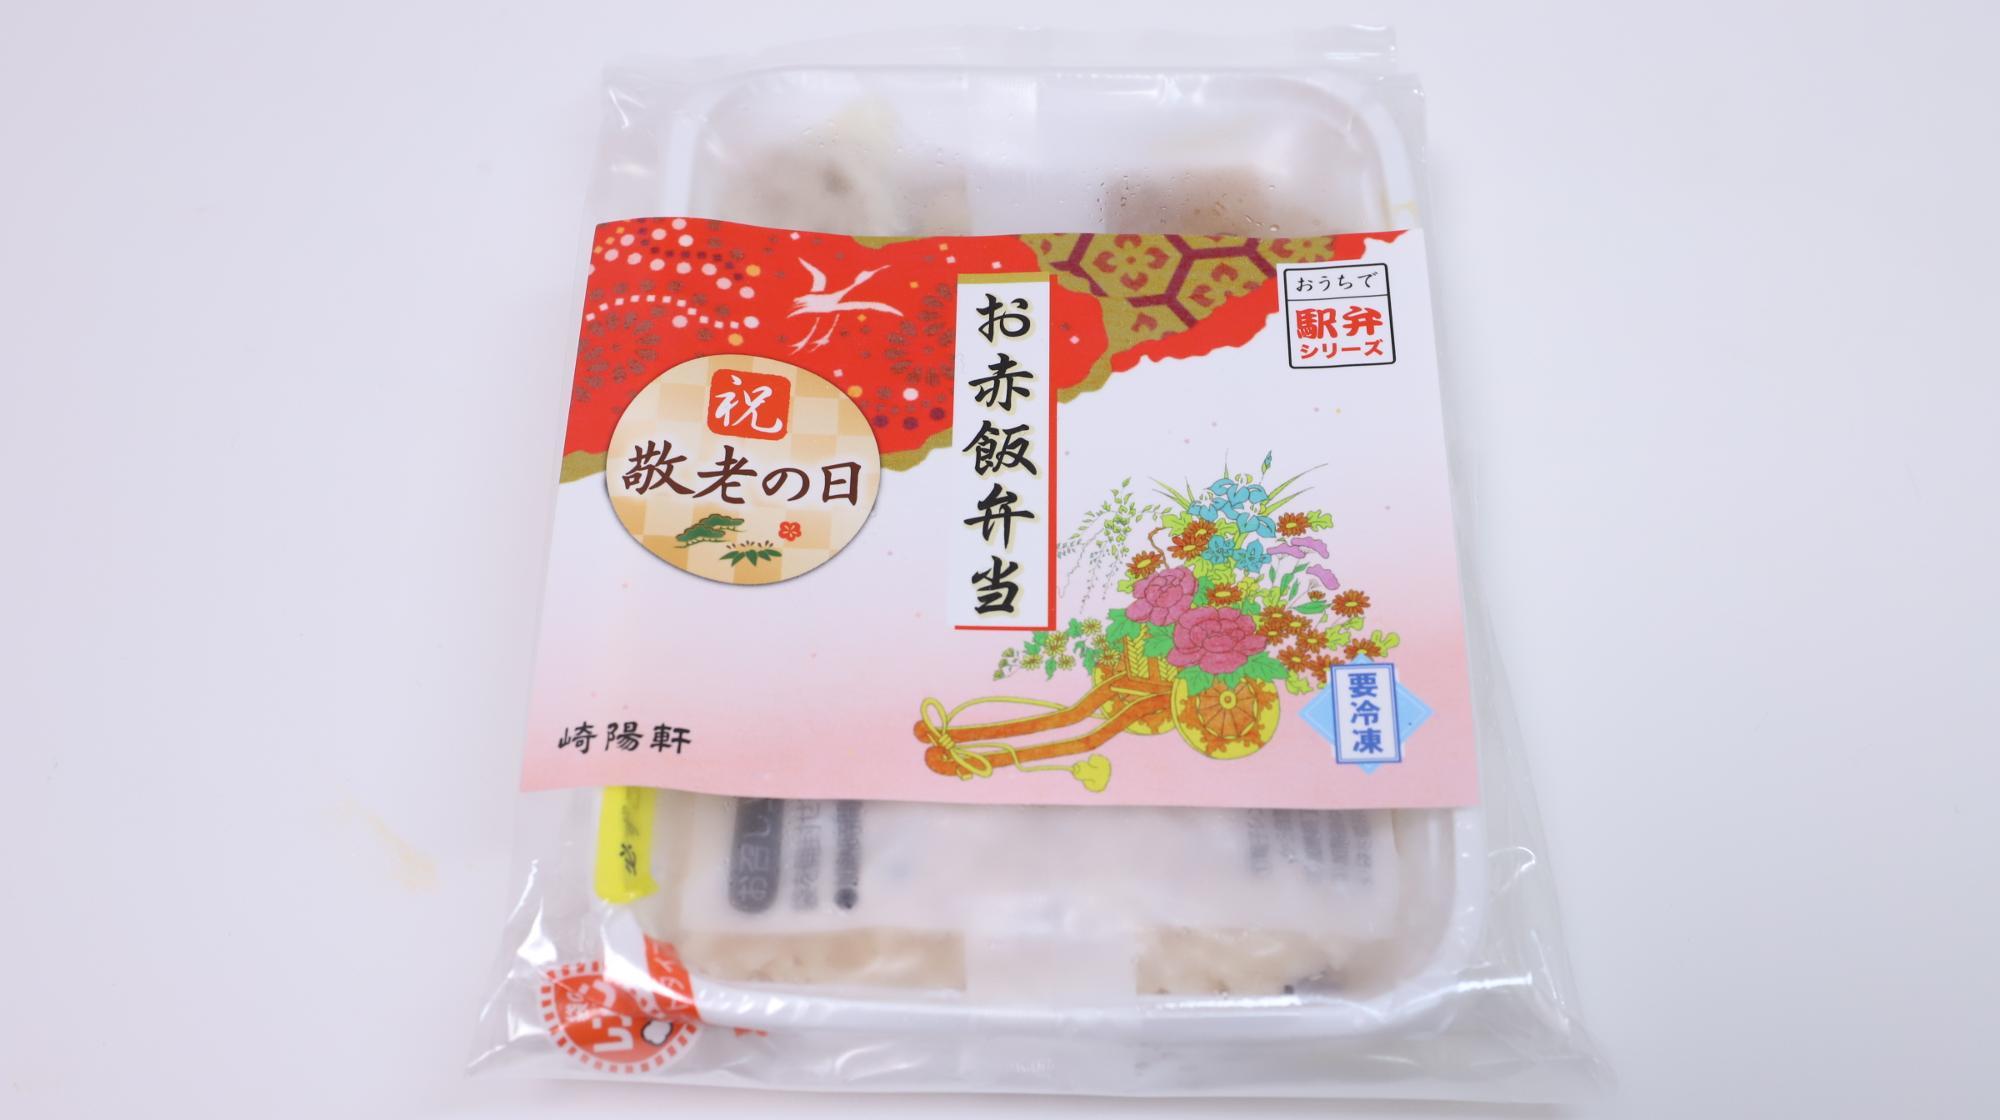 崎陽軒の冷凍弁当